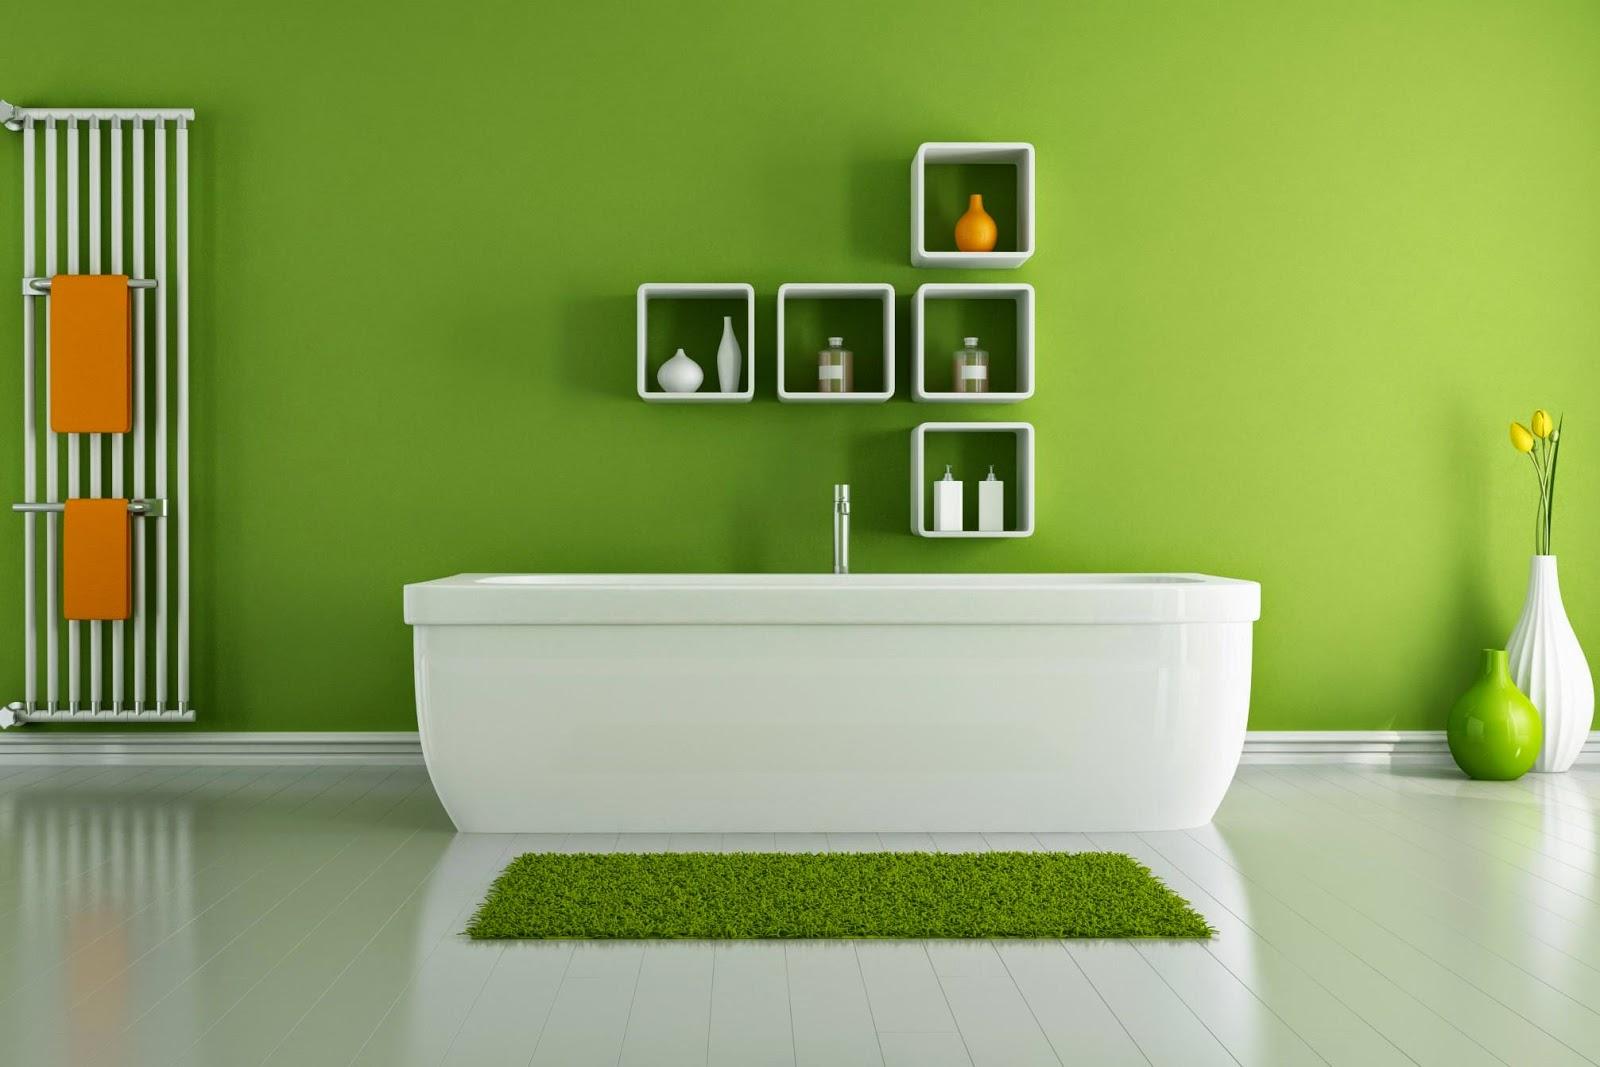 Colori per muri interni for Colori muri moderni